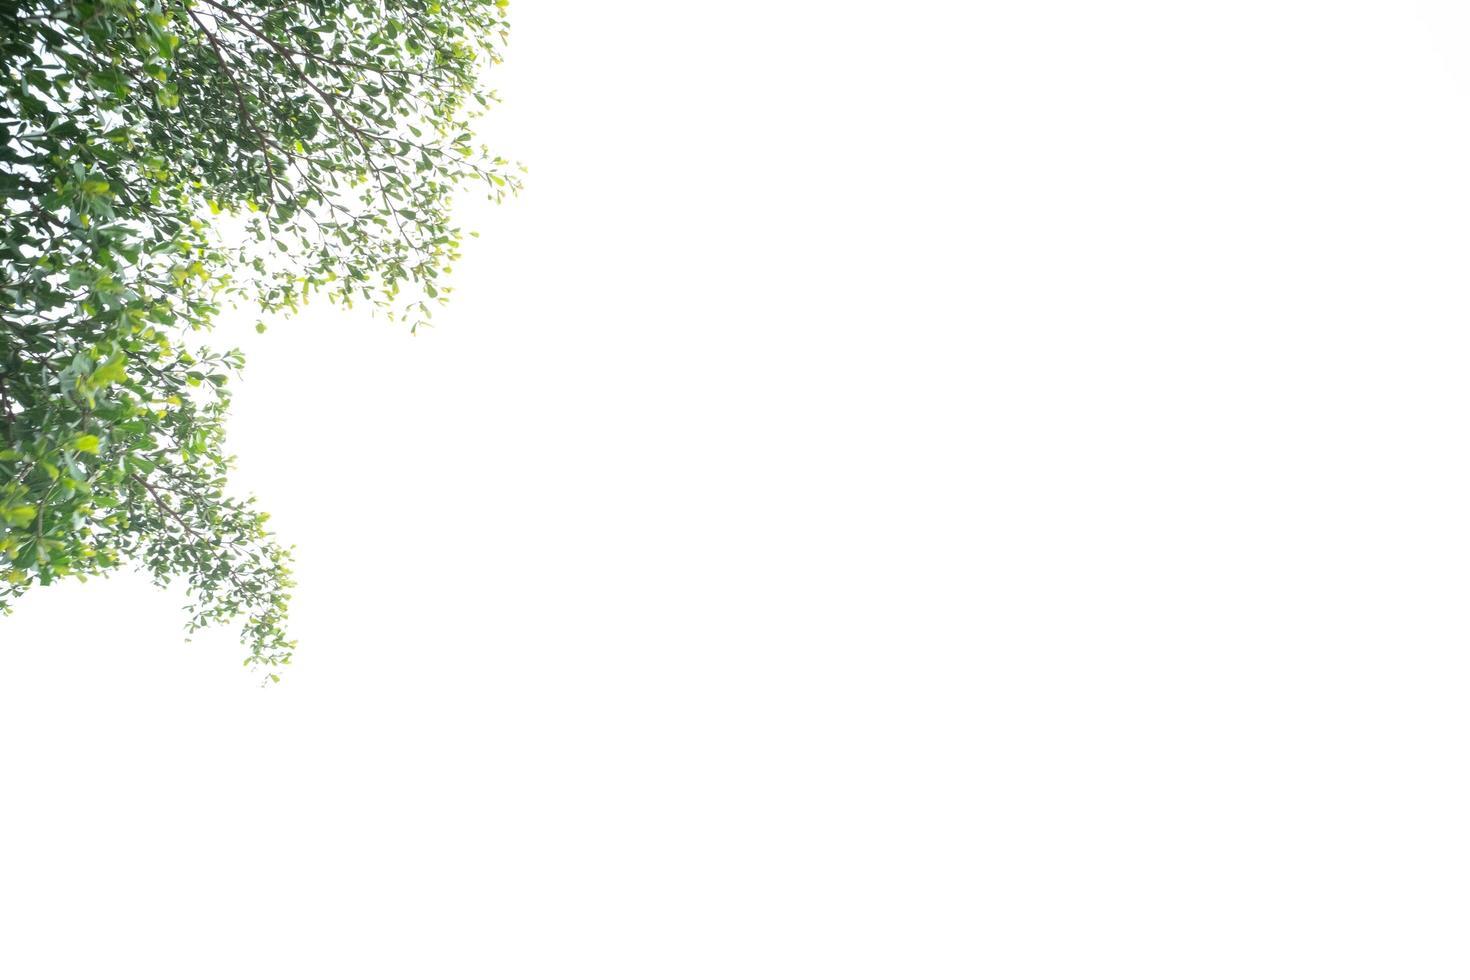 foglie verdi isolati su uno sfondo bianco foto